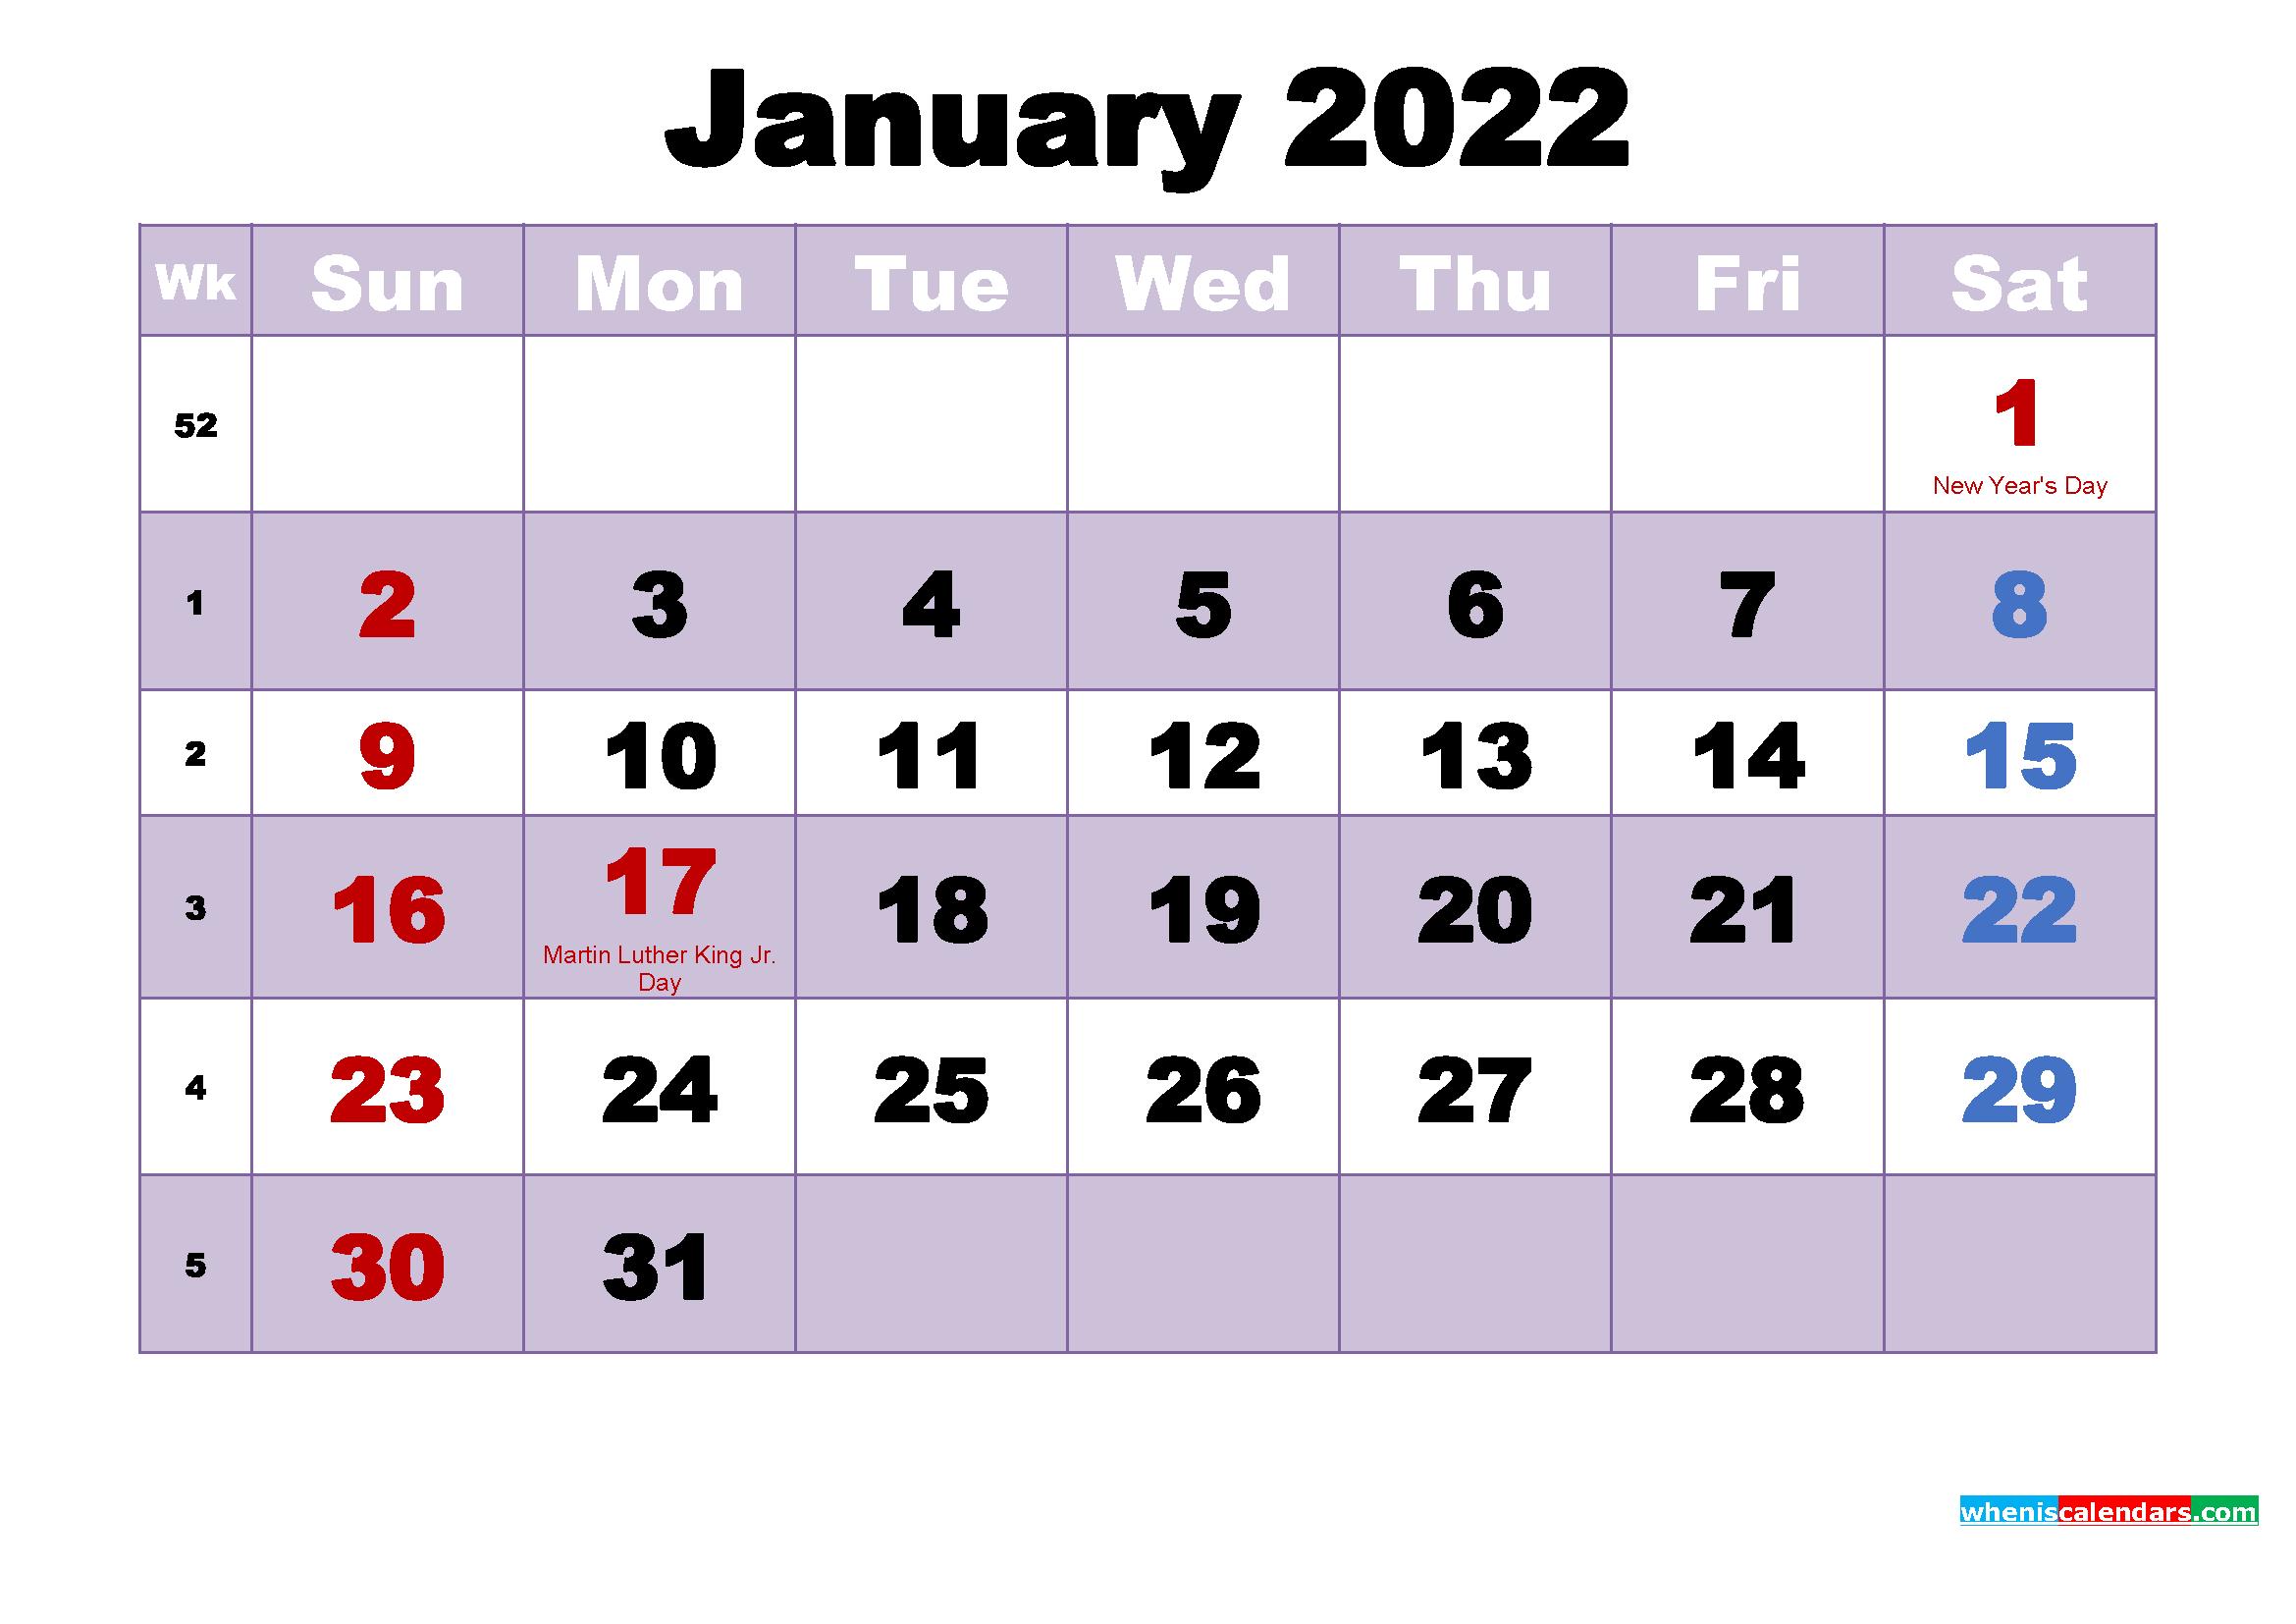 January 2022 Calendar Wallpaper Free Download